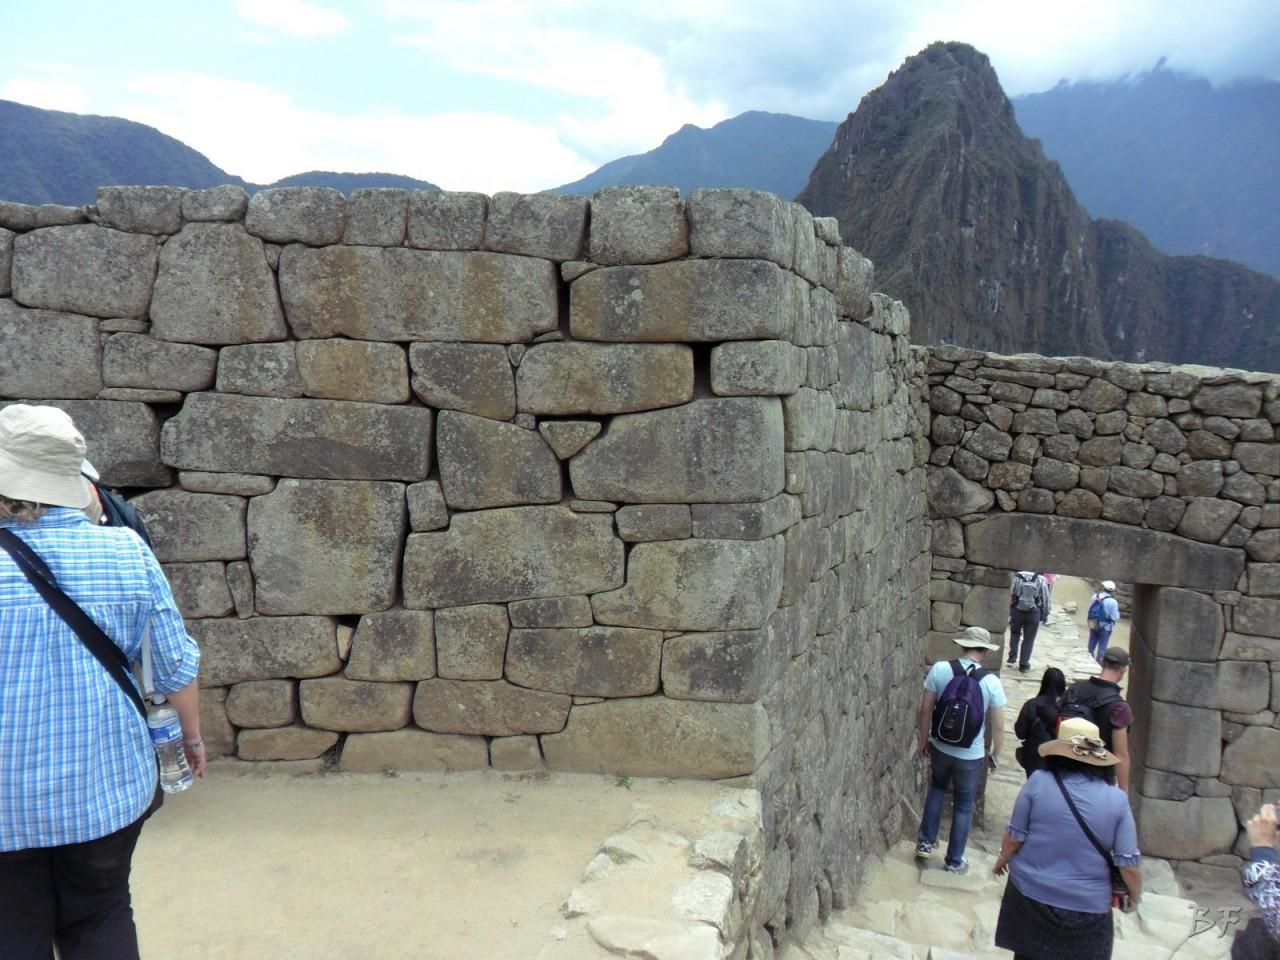 Mura-Poligonali-Incisioni-Altari-Edifici-Rupestri-Megaliti-Machu-Picchu-Aguas-Calientes-Urubamba-Cusco-Perù-76